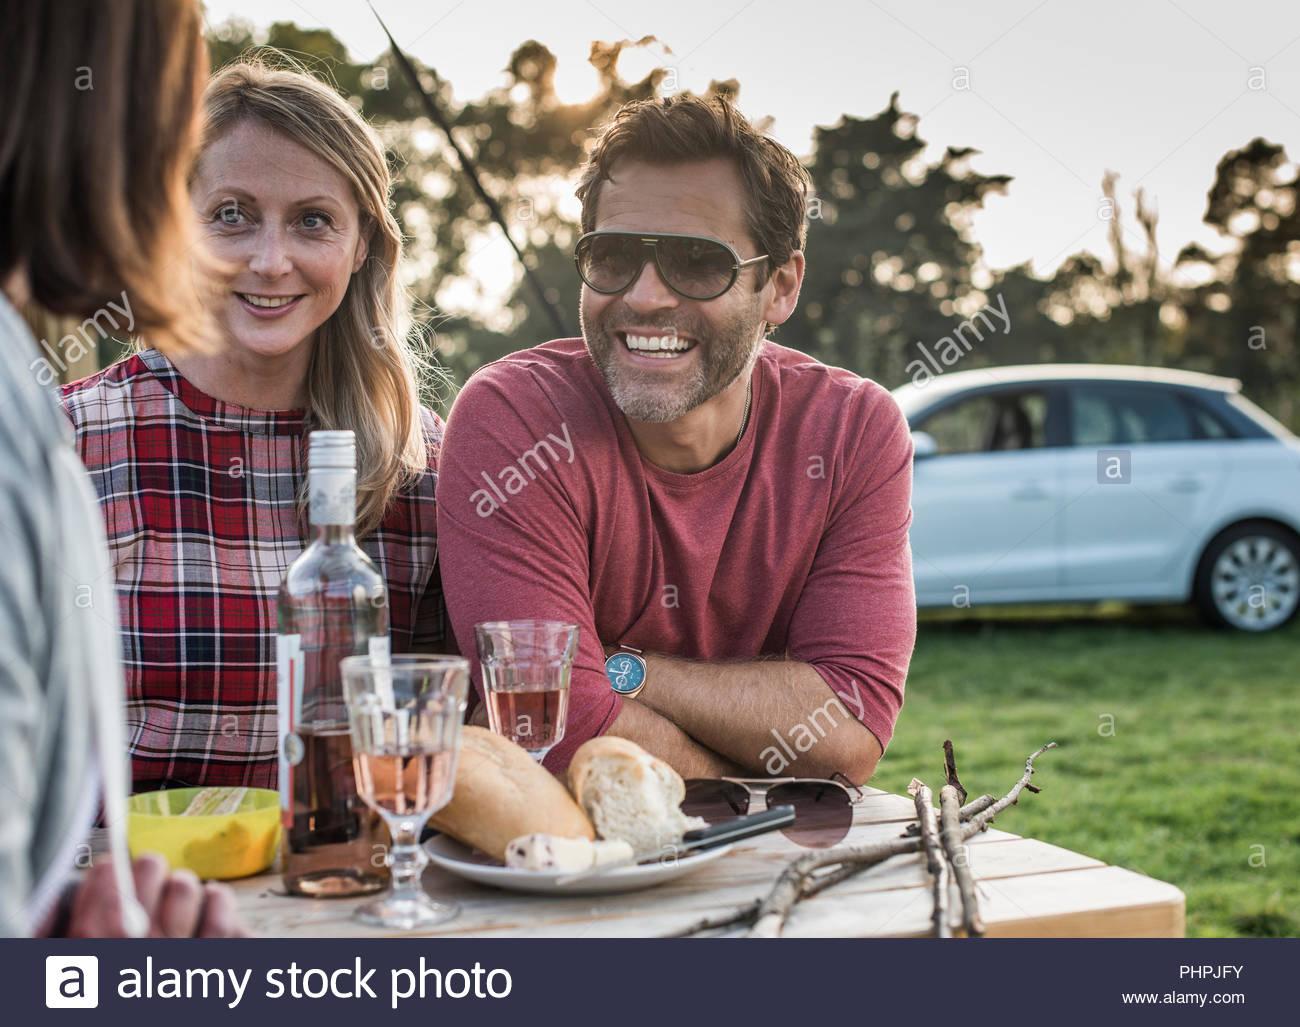 Die Menschen lächeln Picknick Tisch Stockbild